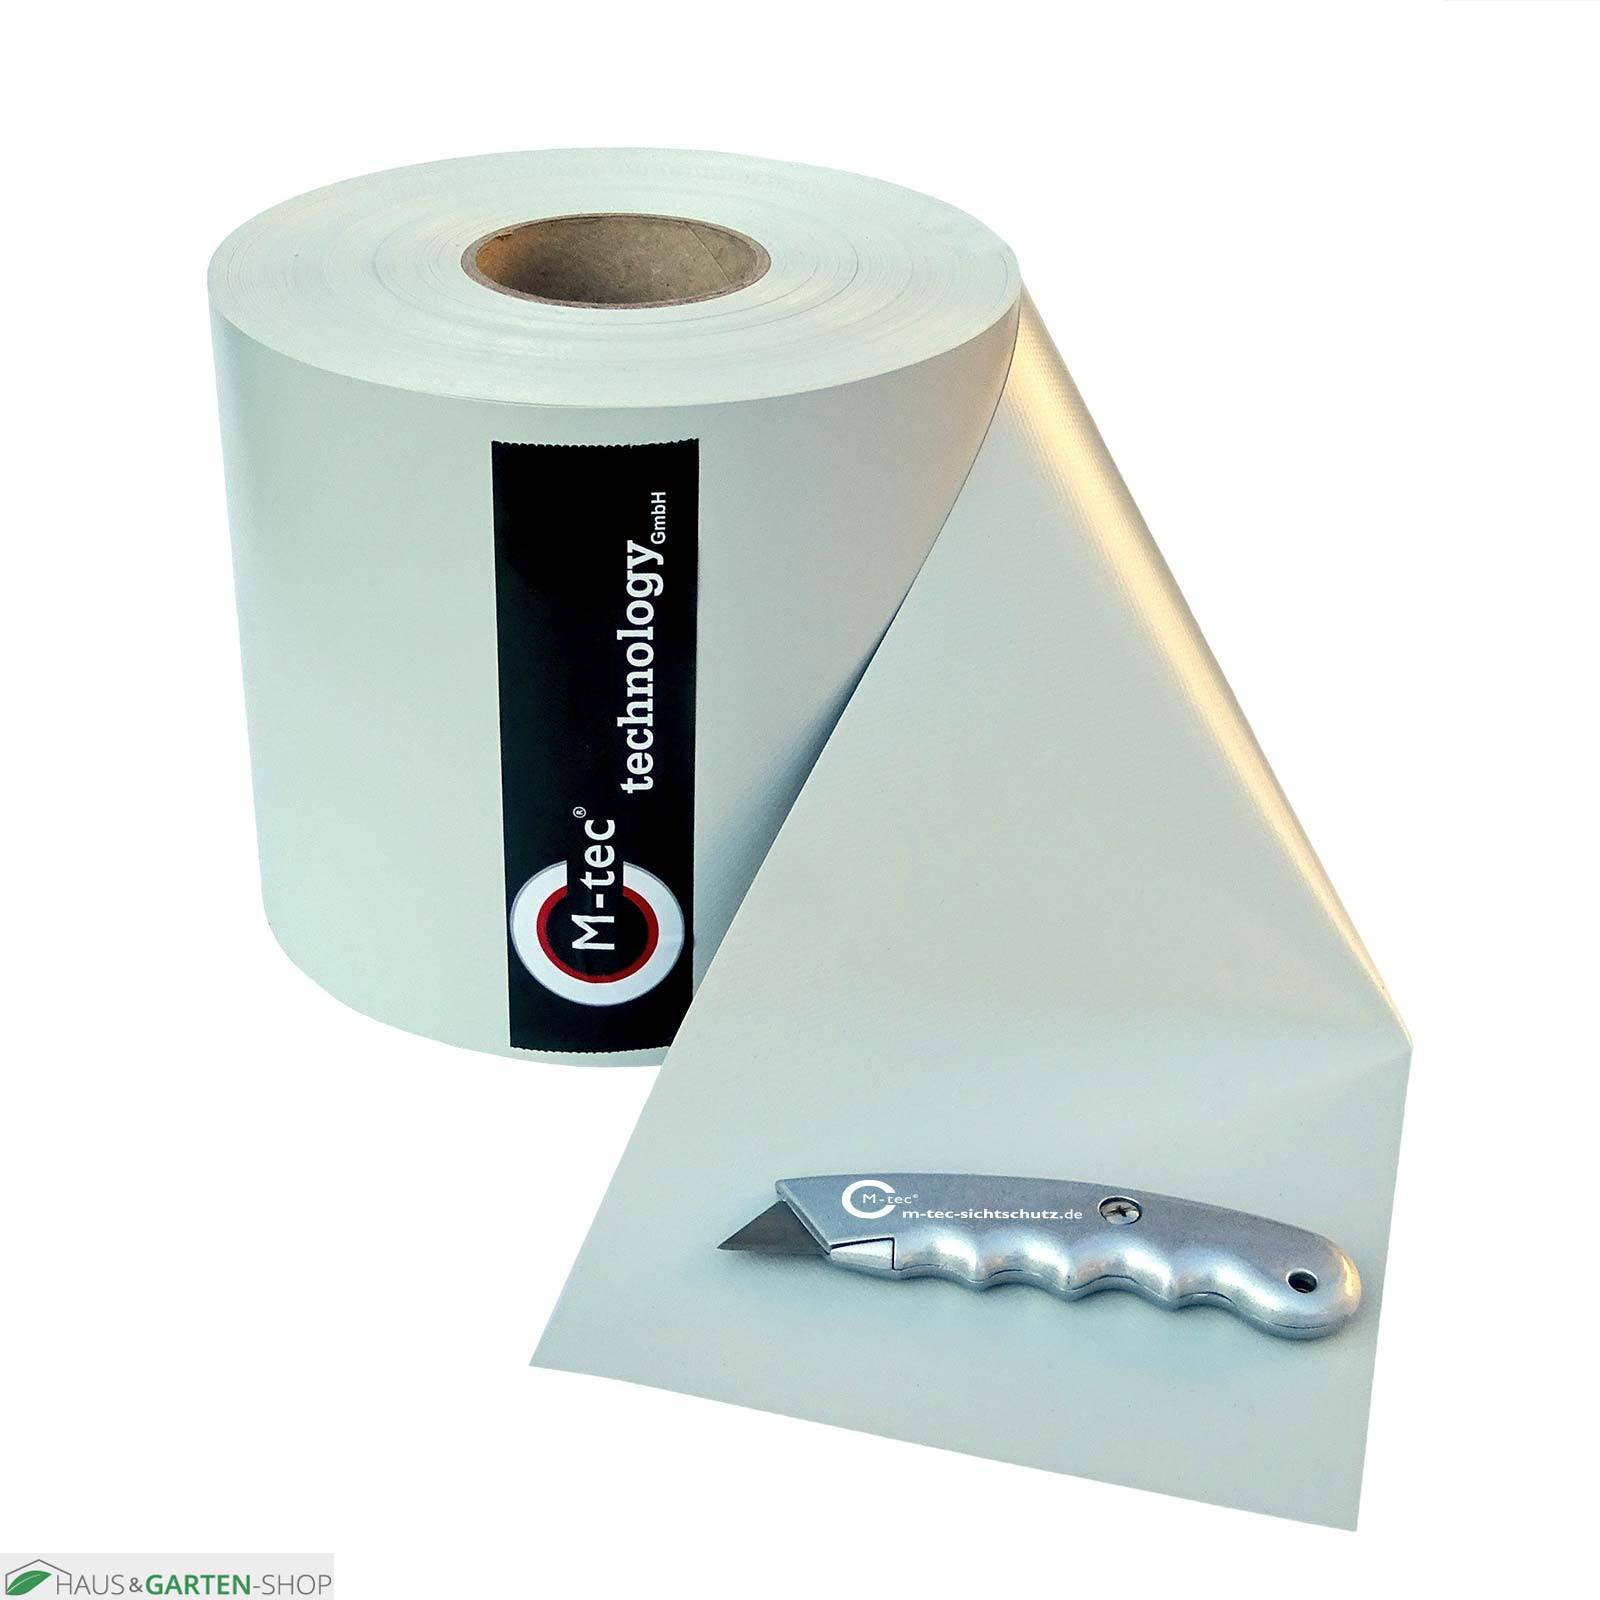 hochwertiges m tec cuttermesser f r die sichtschutzstreifen. Black Bedroom Furniture Sets. Home Design Ideas